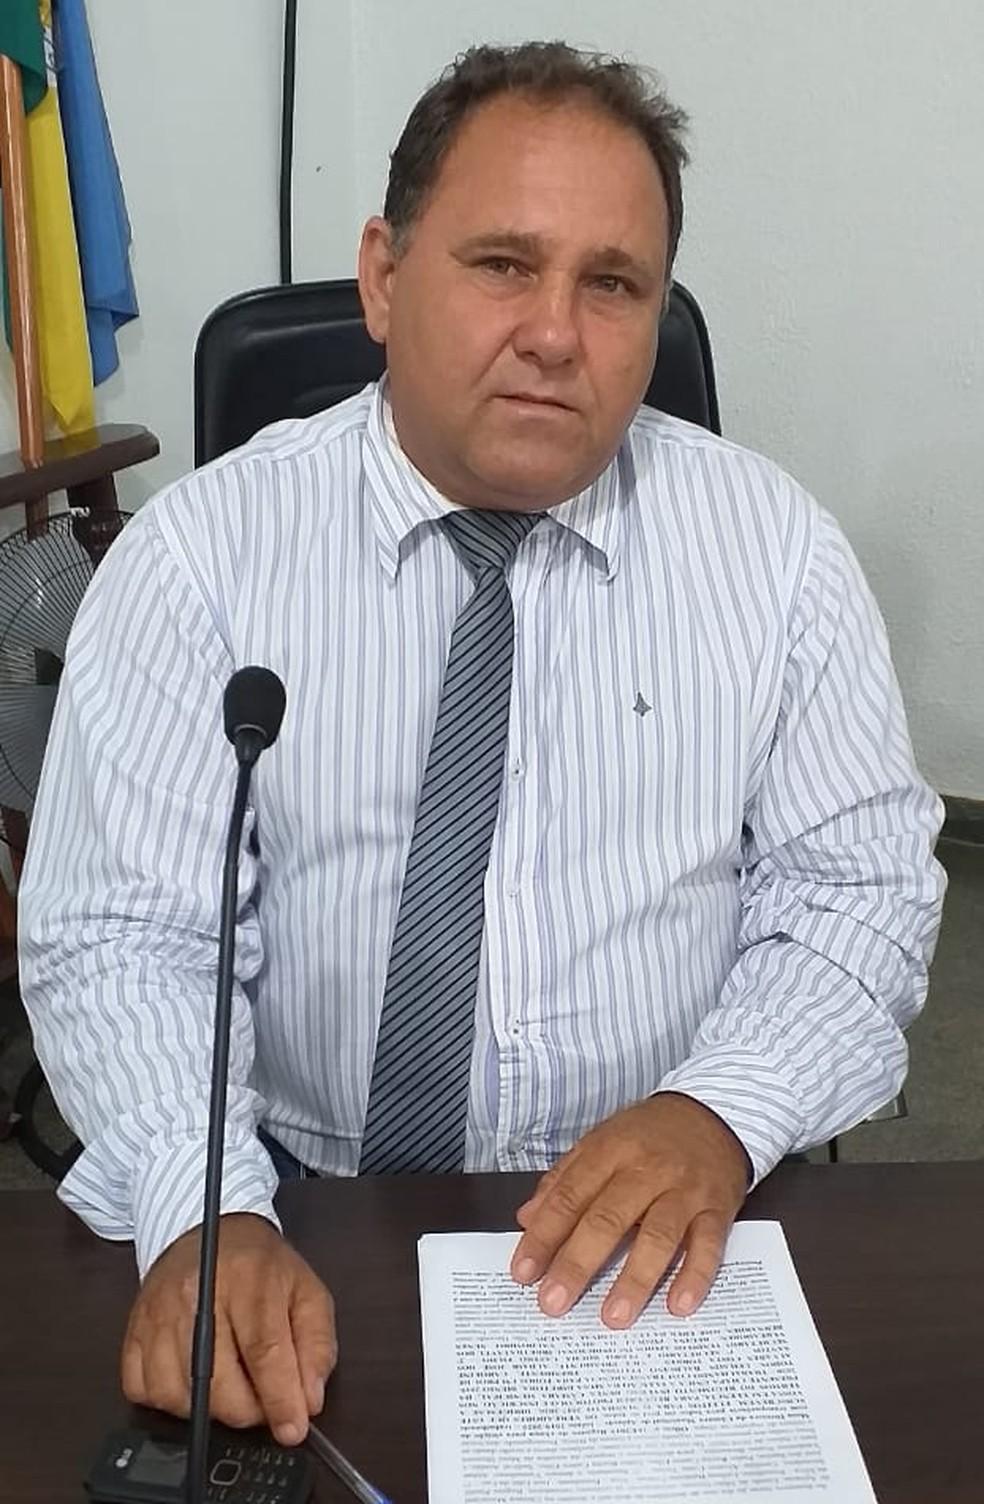 Vereador de Apiacás Sedeval Araujo, o Dinho. — Foto: Assessoria